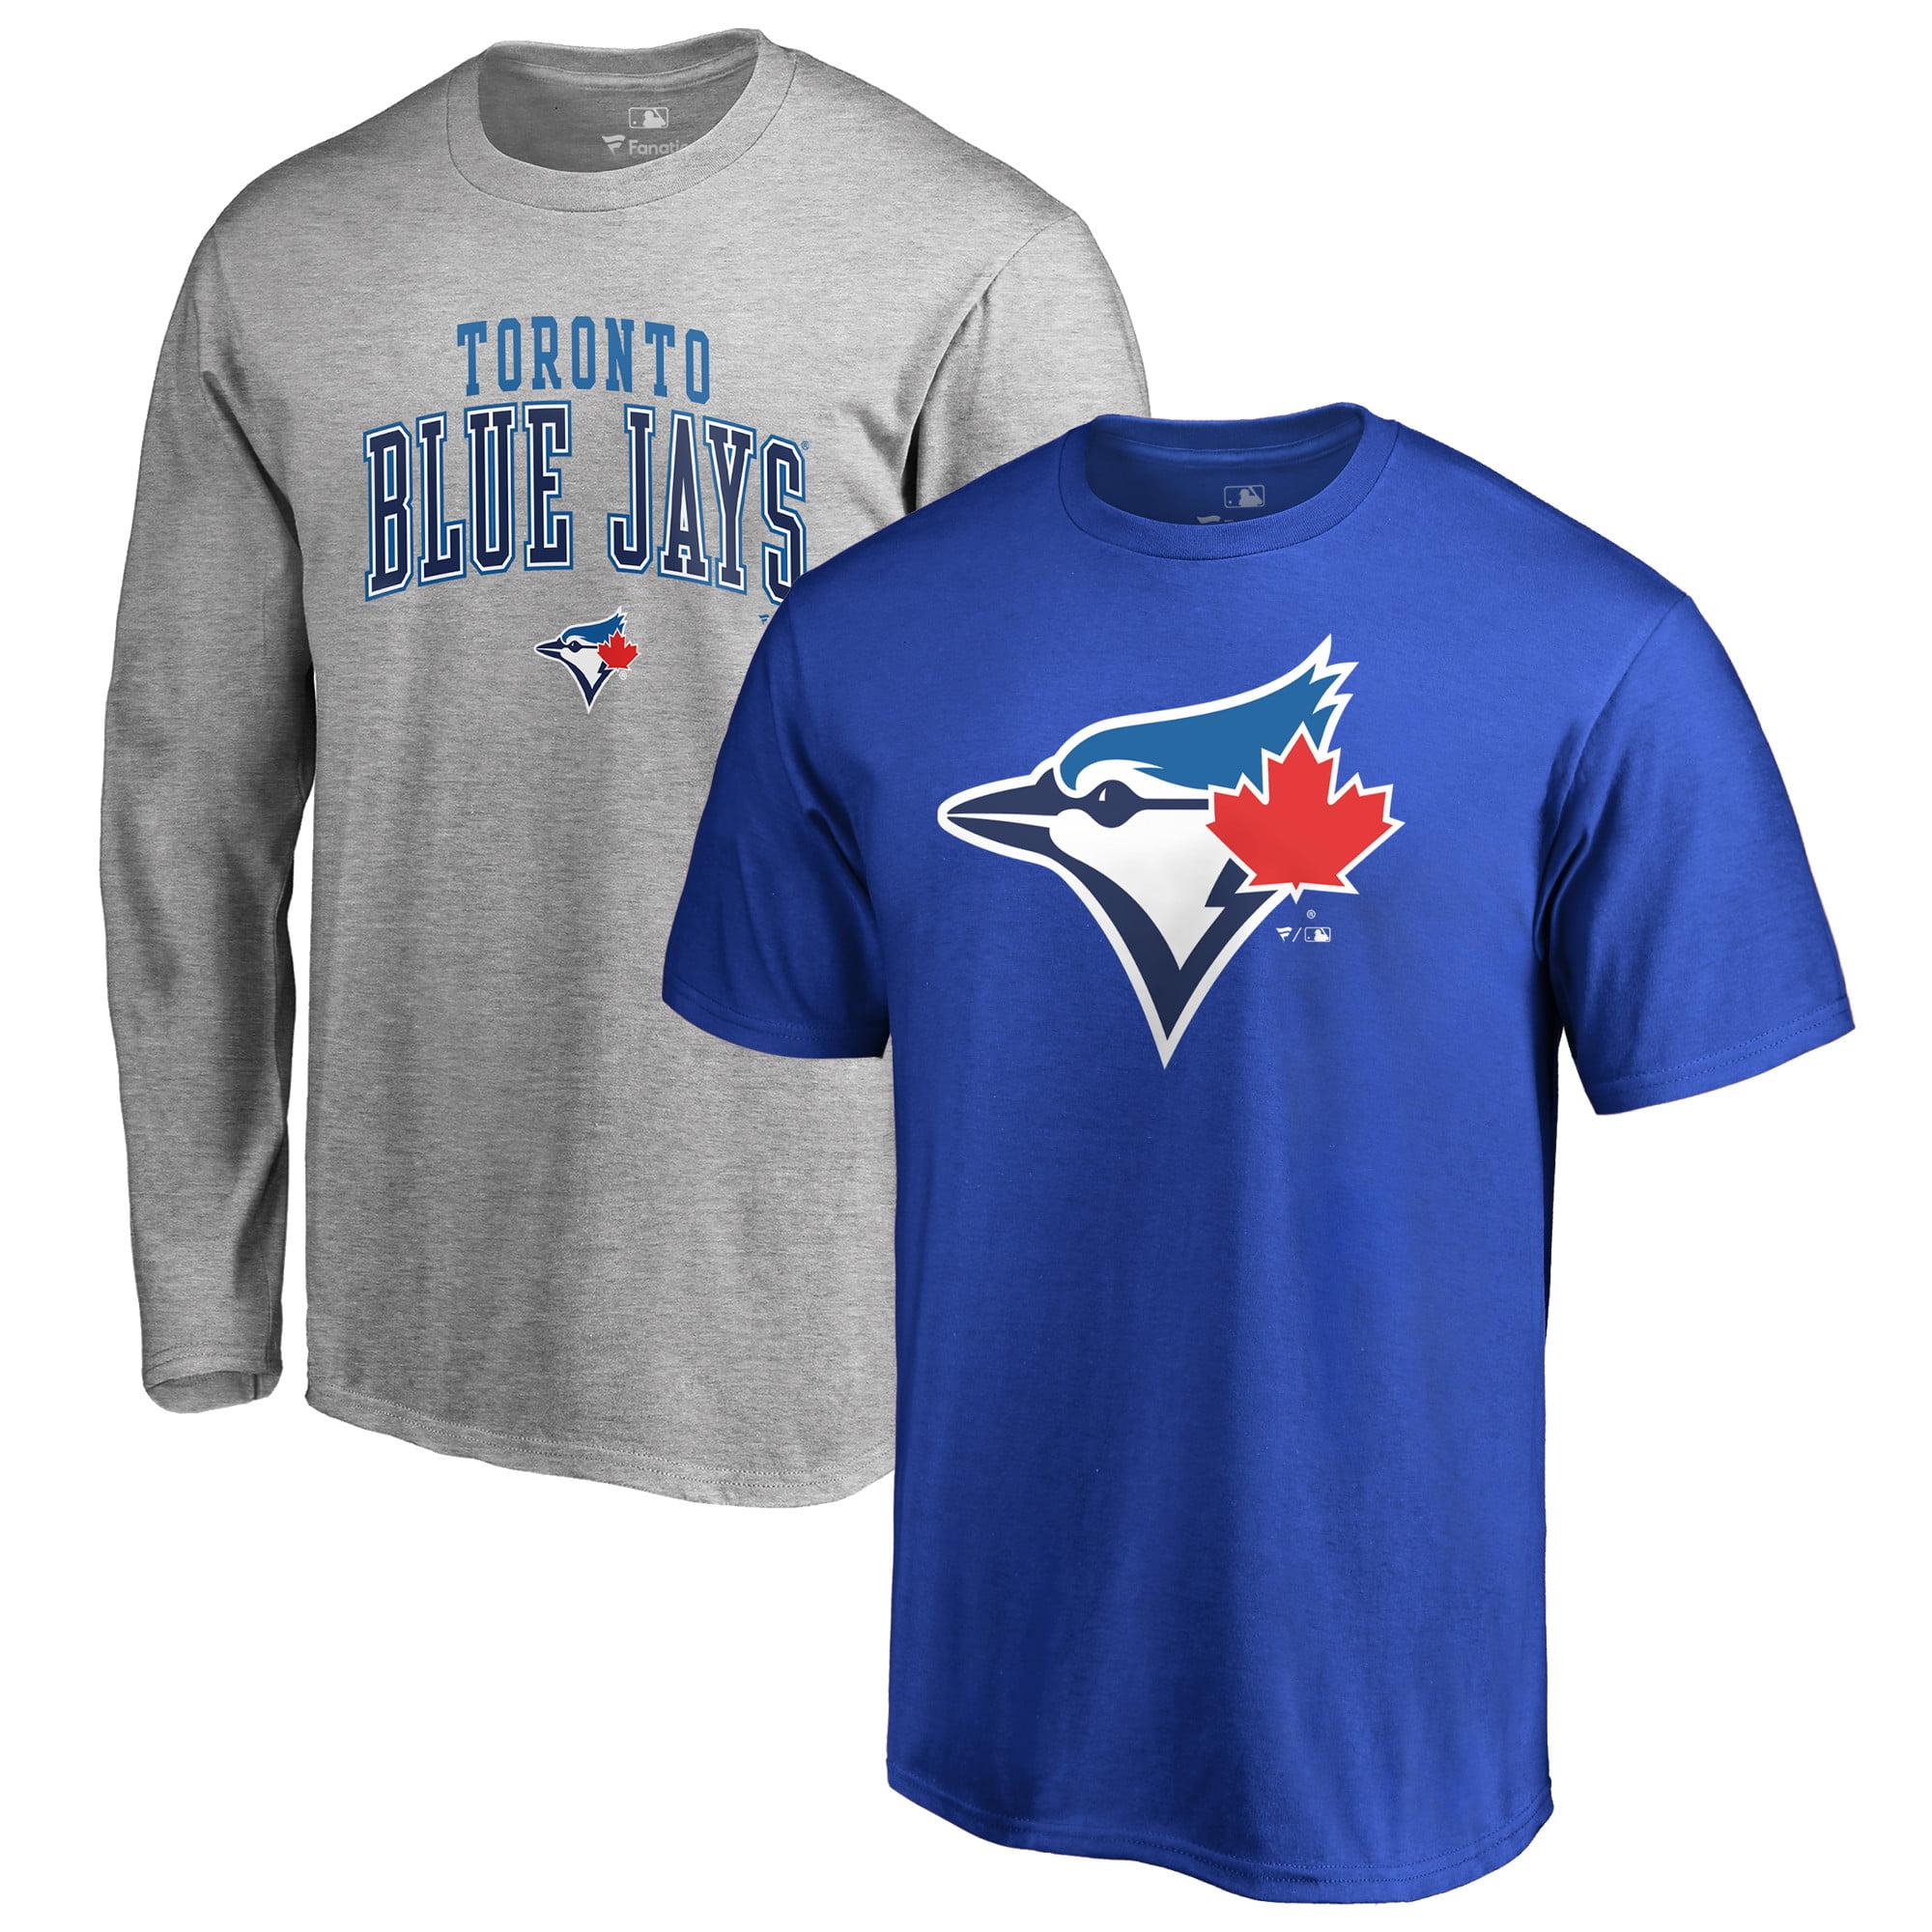 Toronto Blue Jays Fanatics Branded T-Shirt Combo Set - Royal/Gray